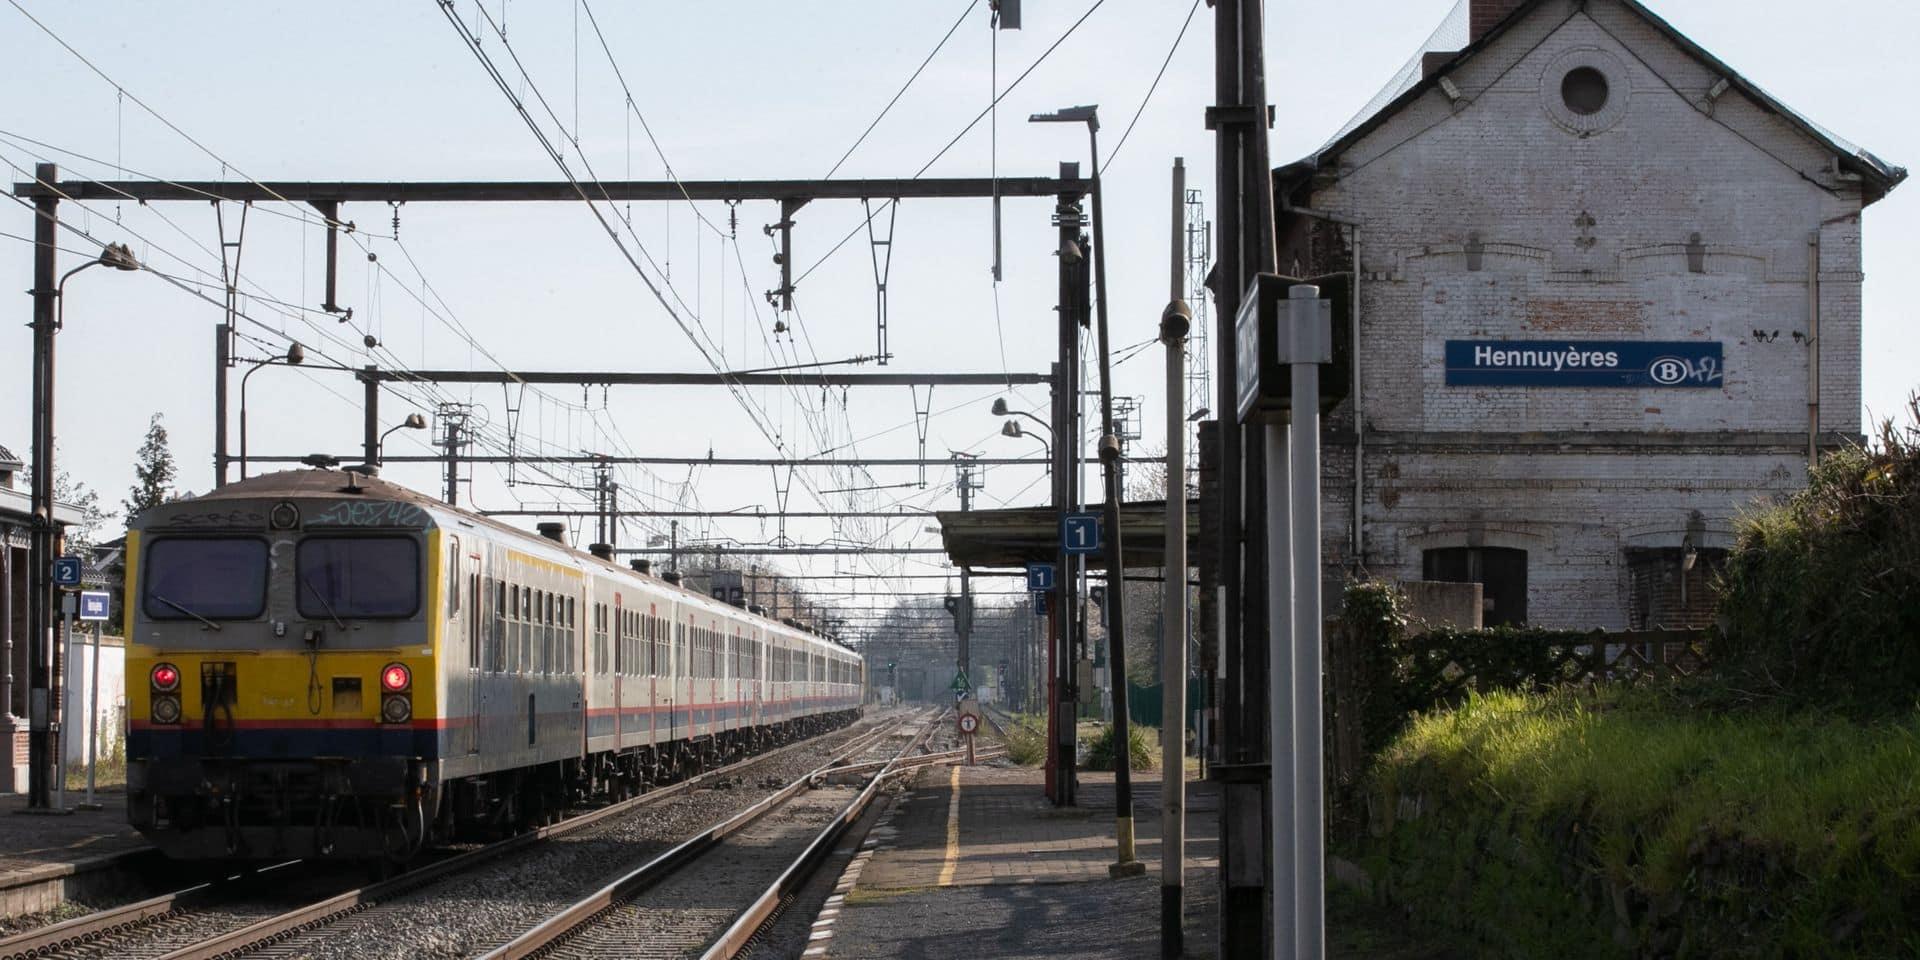 Bpost installe un distributeur de colis à la gare d'Hennuyères